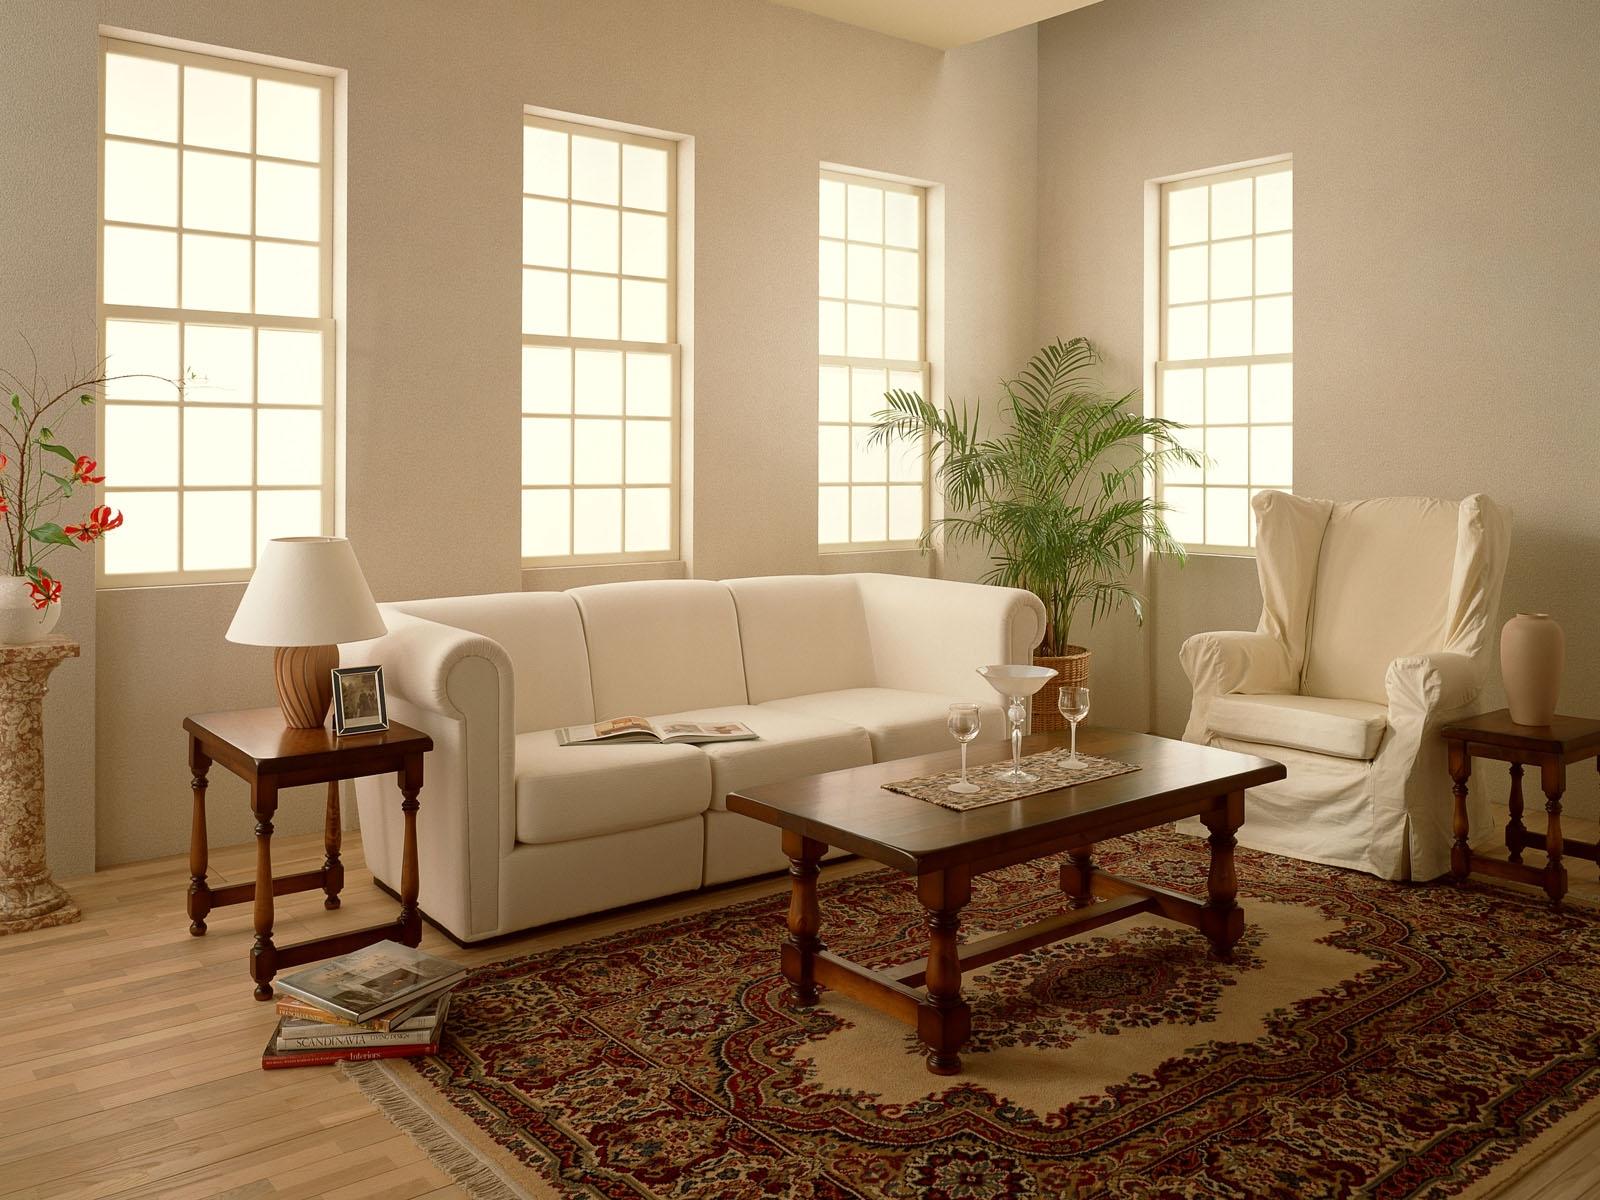 배경 화면 : 방, 내부, 표, 목재, 의자, 인테리어 디자인, 재산 ...